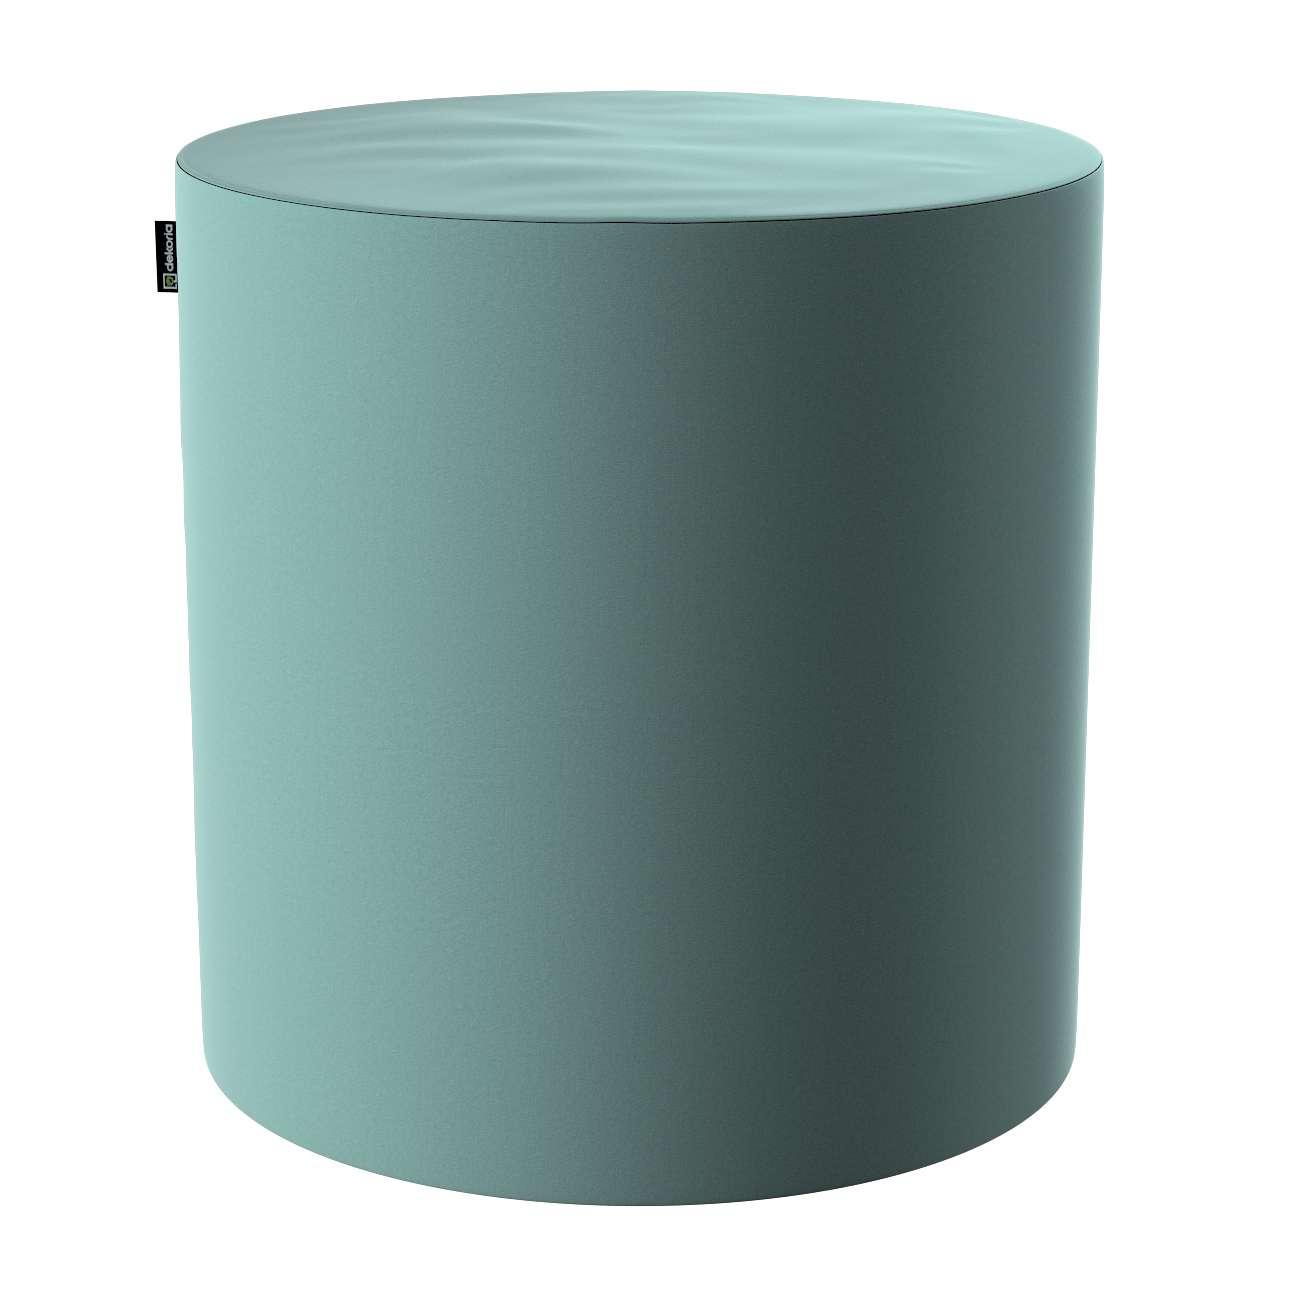 Pouf Barrel von der Kollektion Velvet, Stoff: 704-18